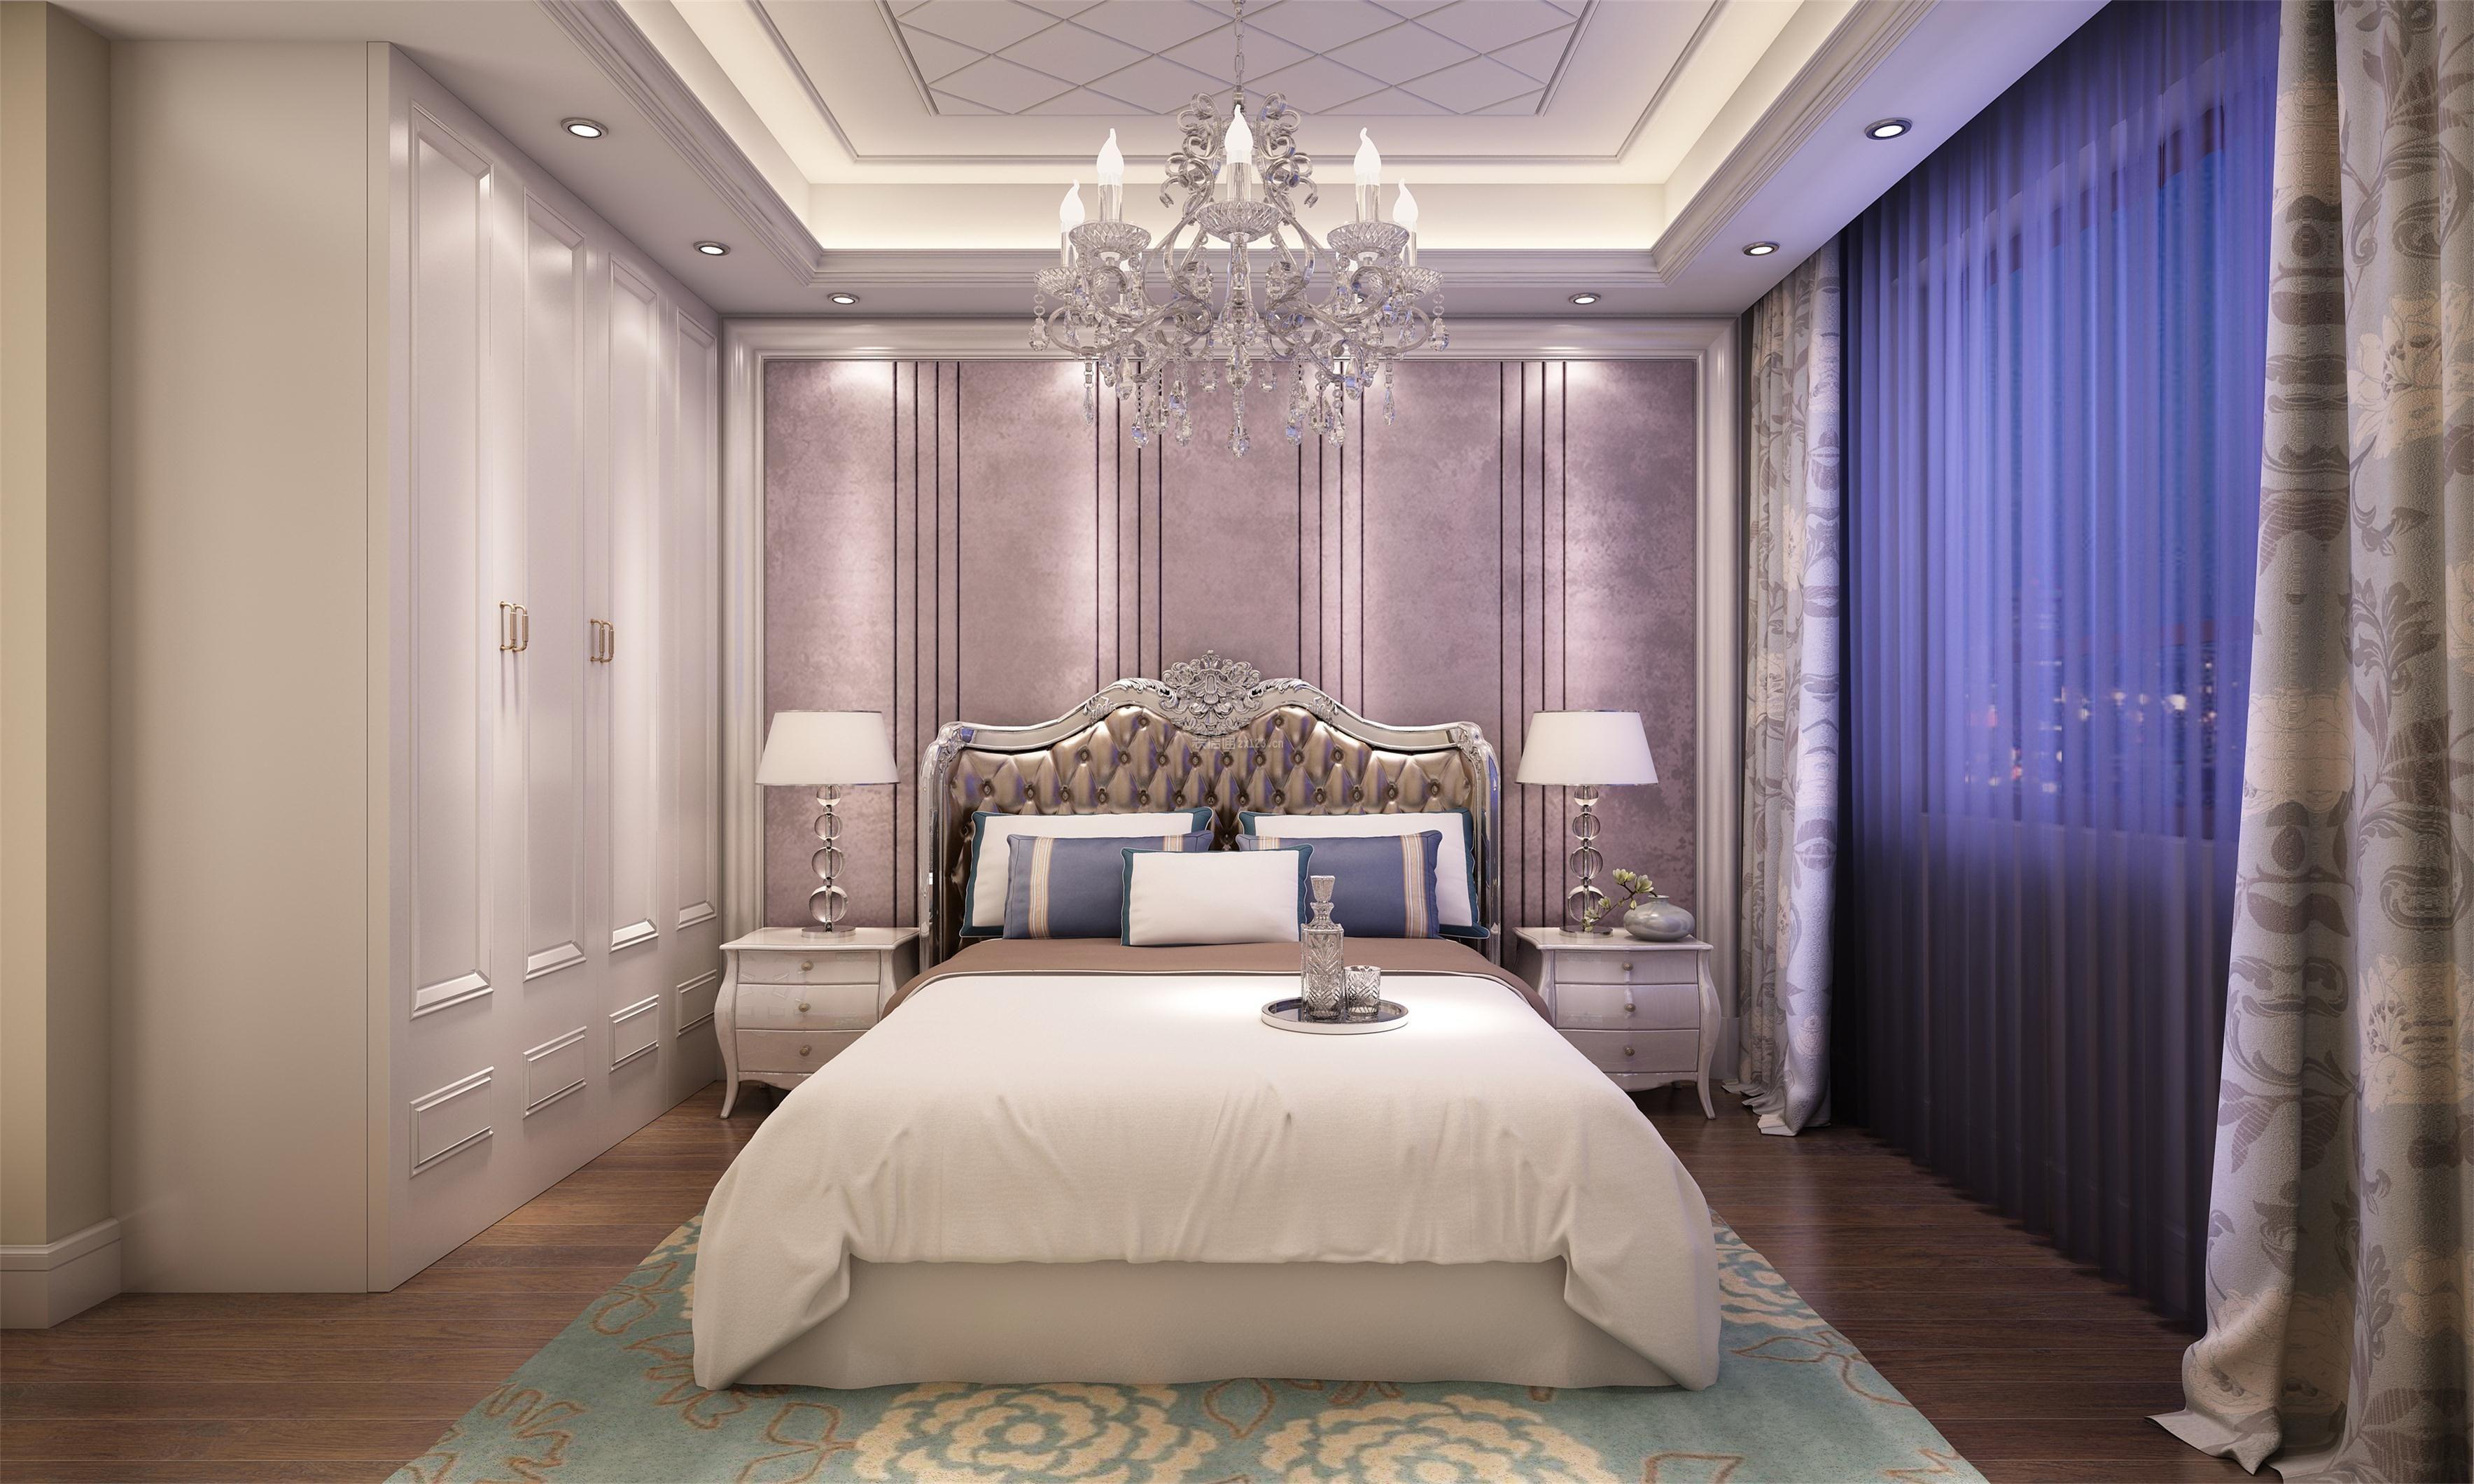 纯欧式风格主卧室装潢台灯摆放效果图